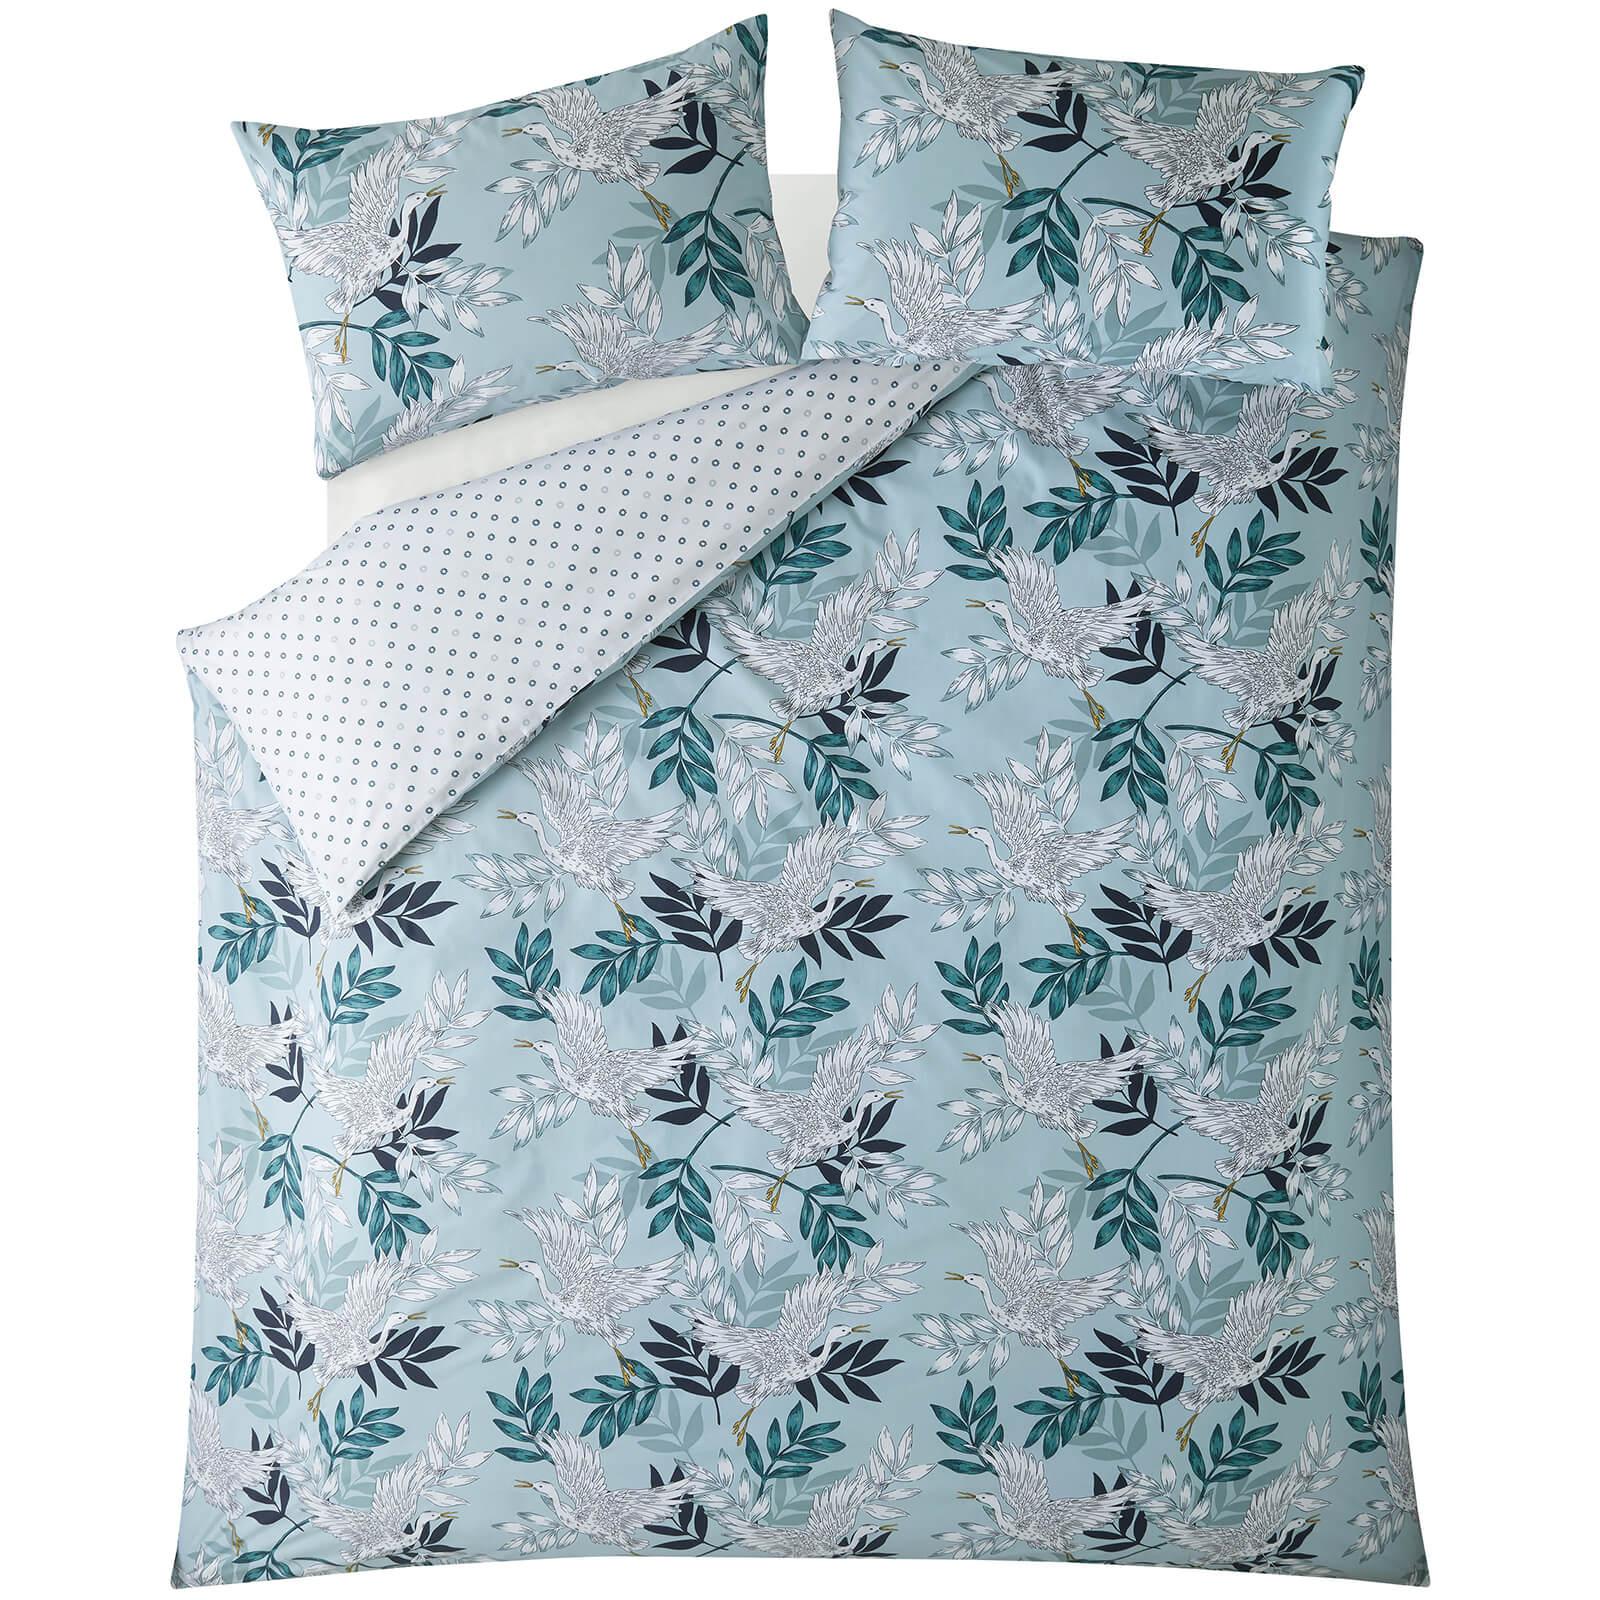 Fat Face Oriental Crane and Palm Quilt Duvet Cover Set - Duck Egg - Double